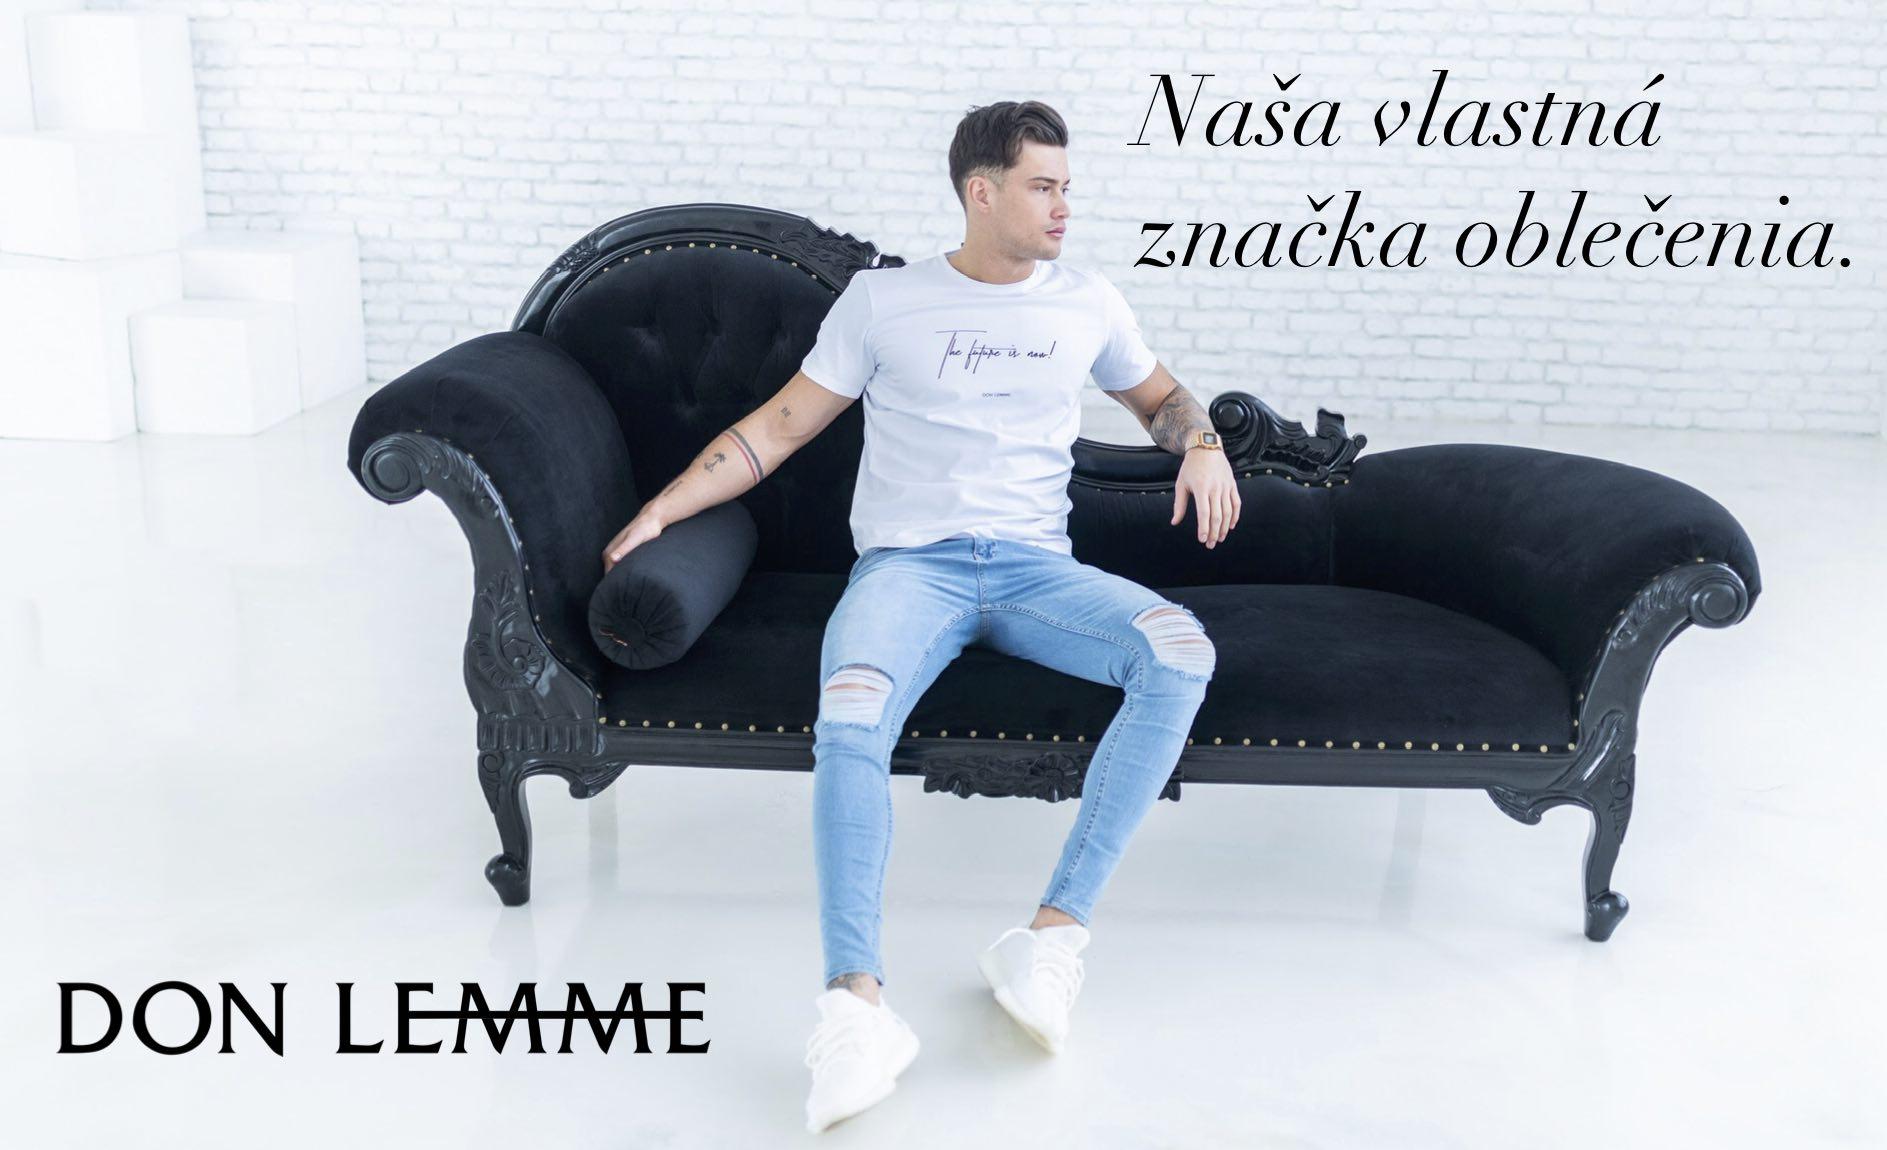 Don Lemme